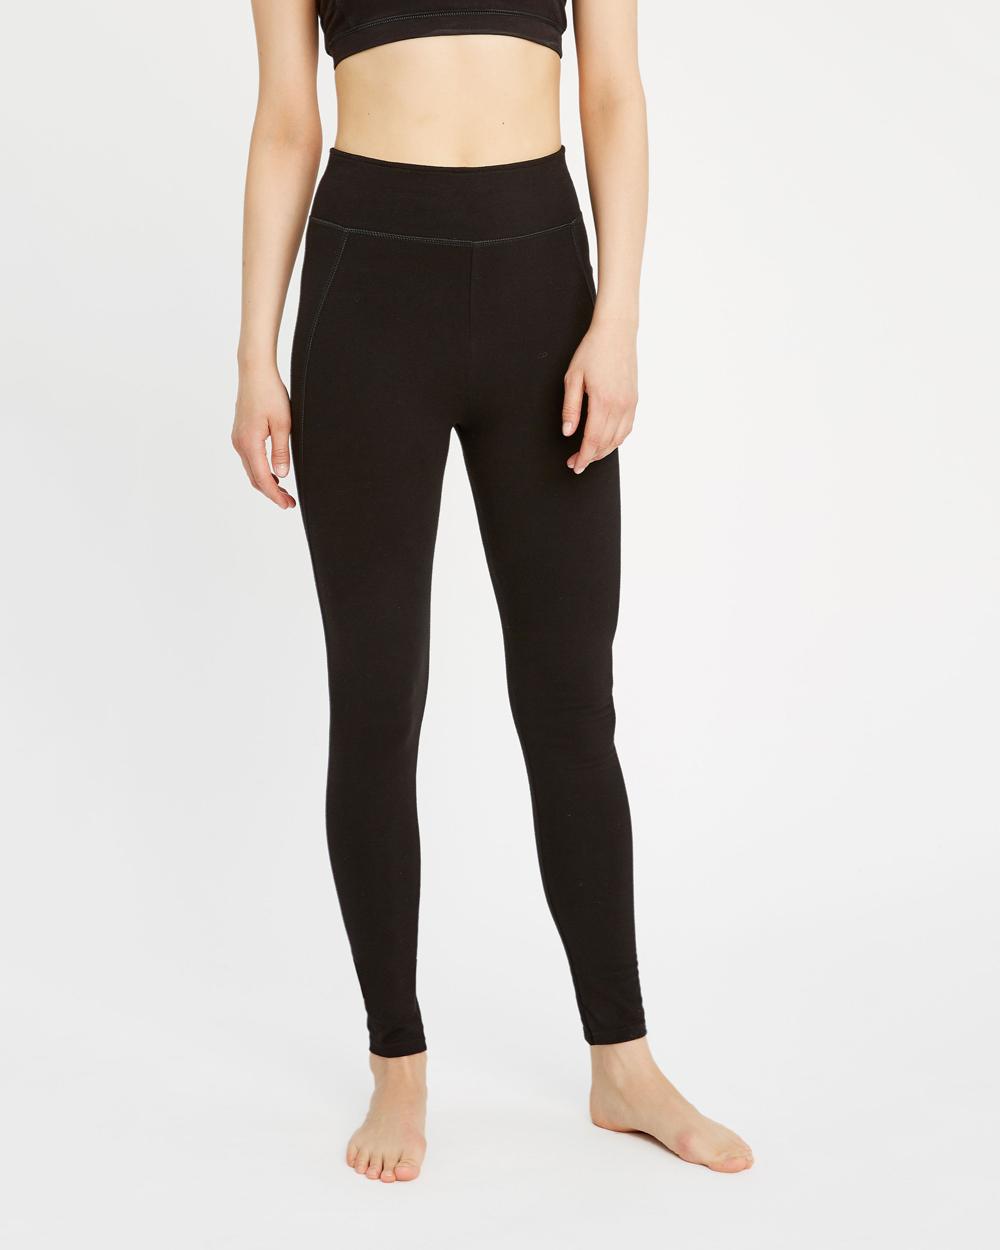 Svart tights til trening og yoga økologisk bomull